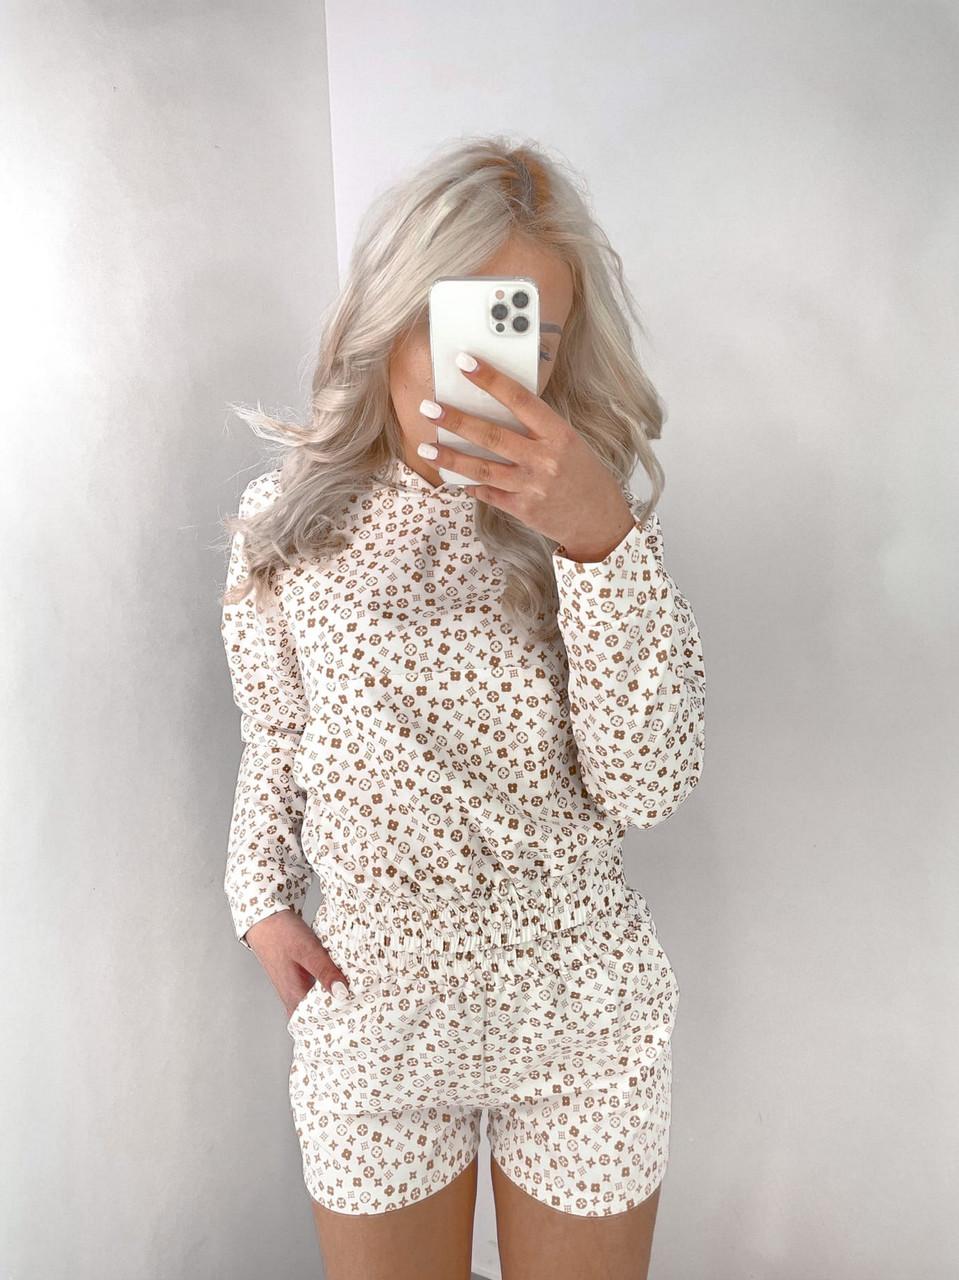 Зручний прогулянковий костюм жіночий двійка (кофта + шорти), 00761 (Білий), Розмір 46 (L)